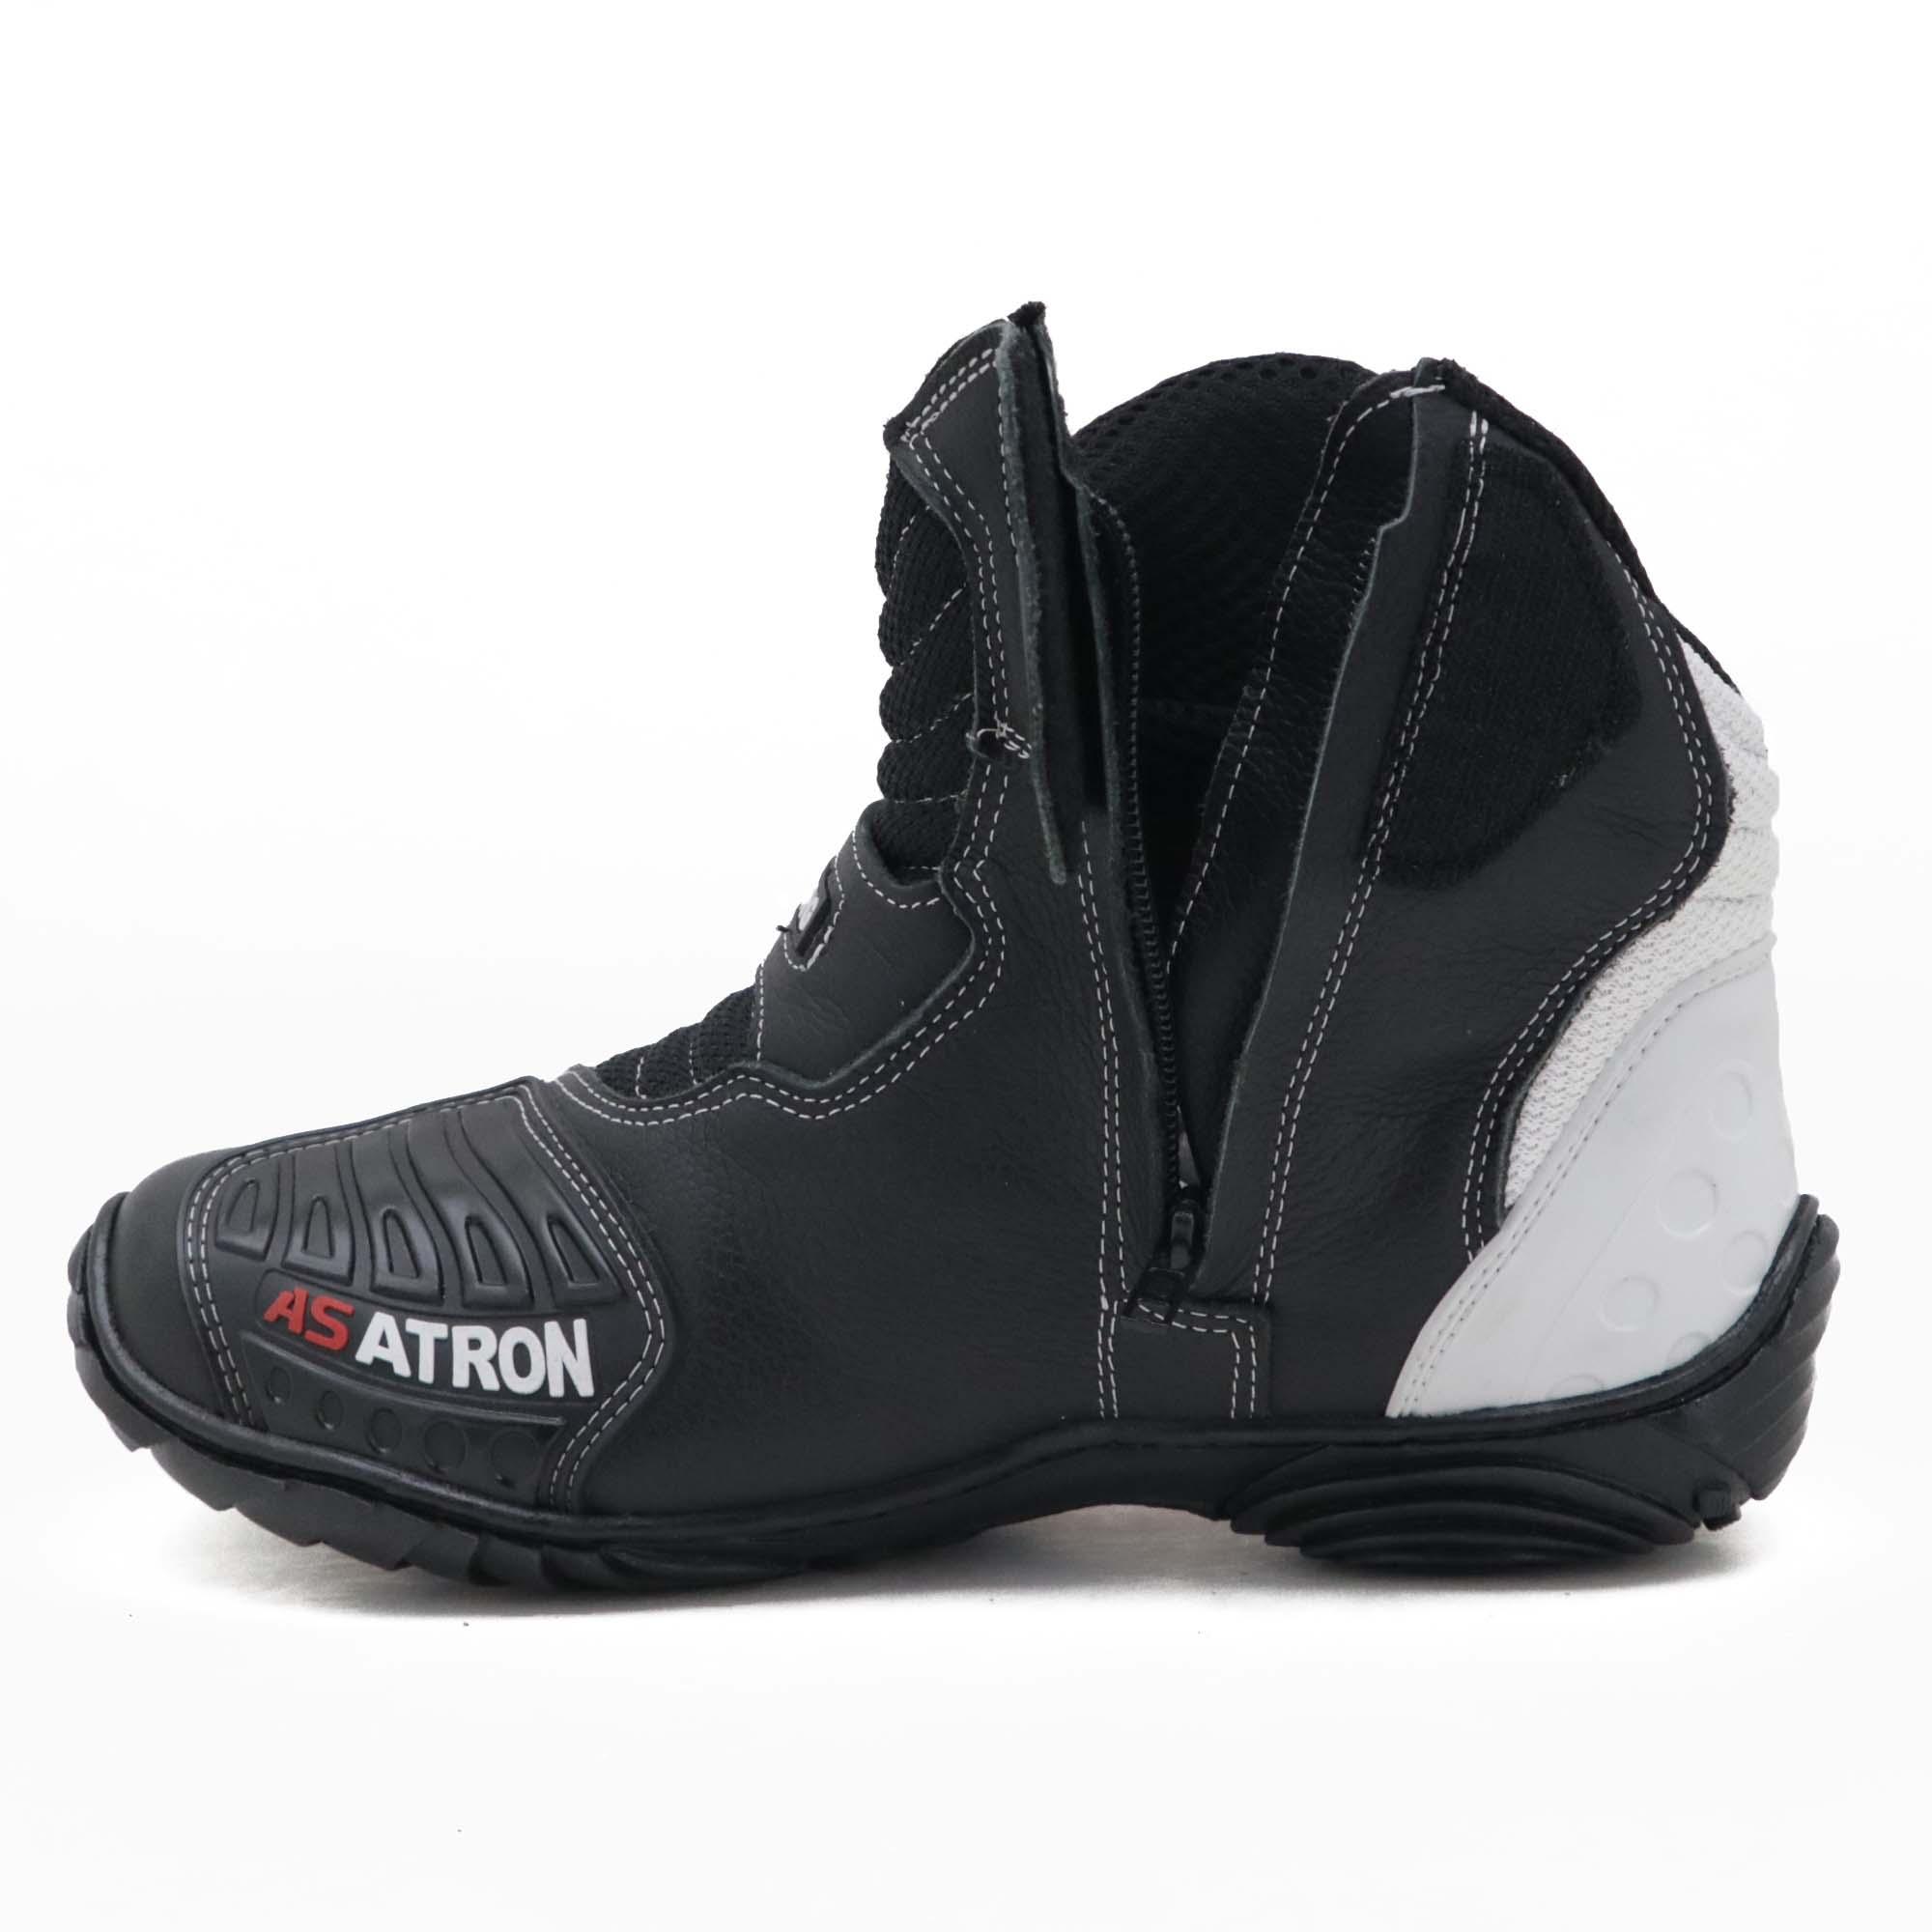 """Bota motociclista AS-RACING """"vented boots"""" em couro legítimo nas cores preto branco laranja 406"""